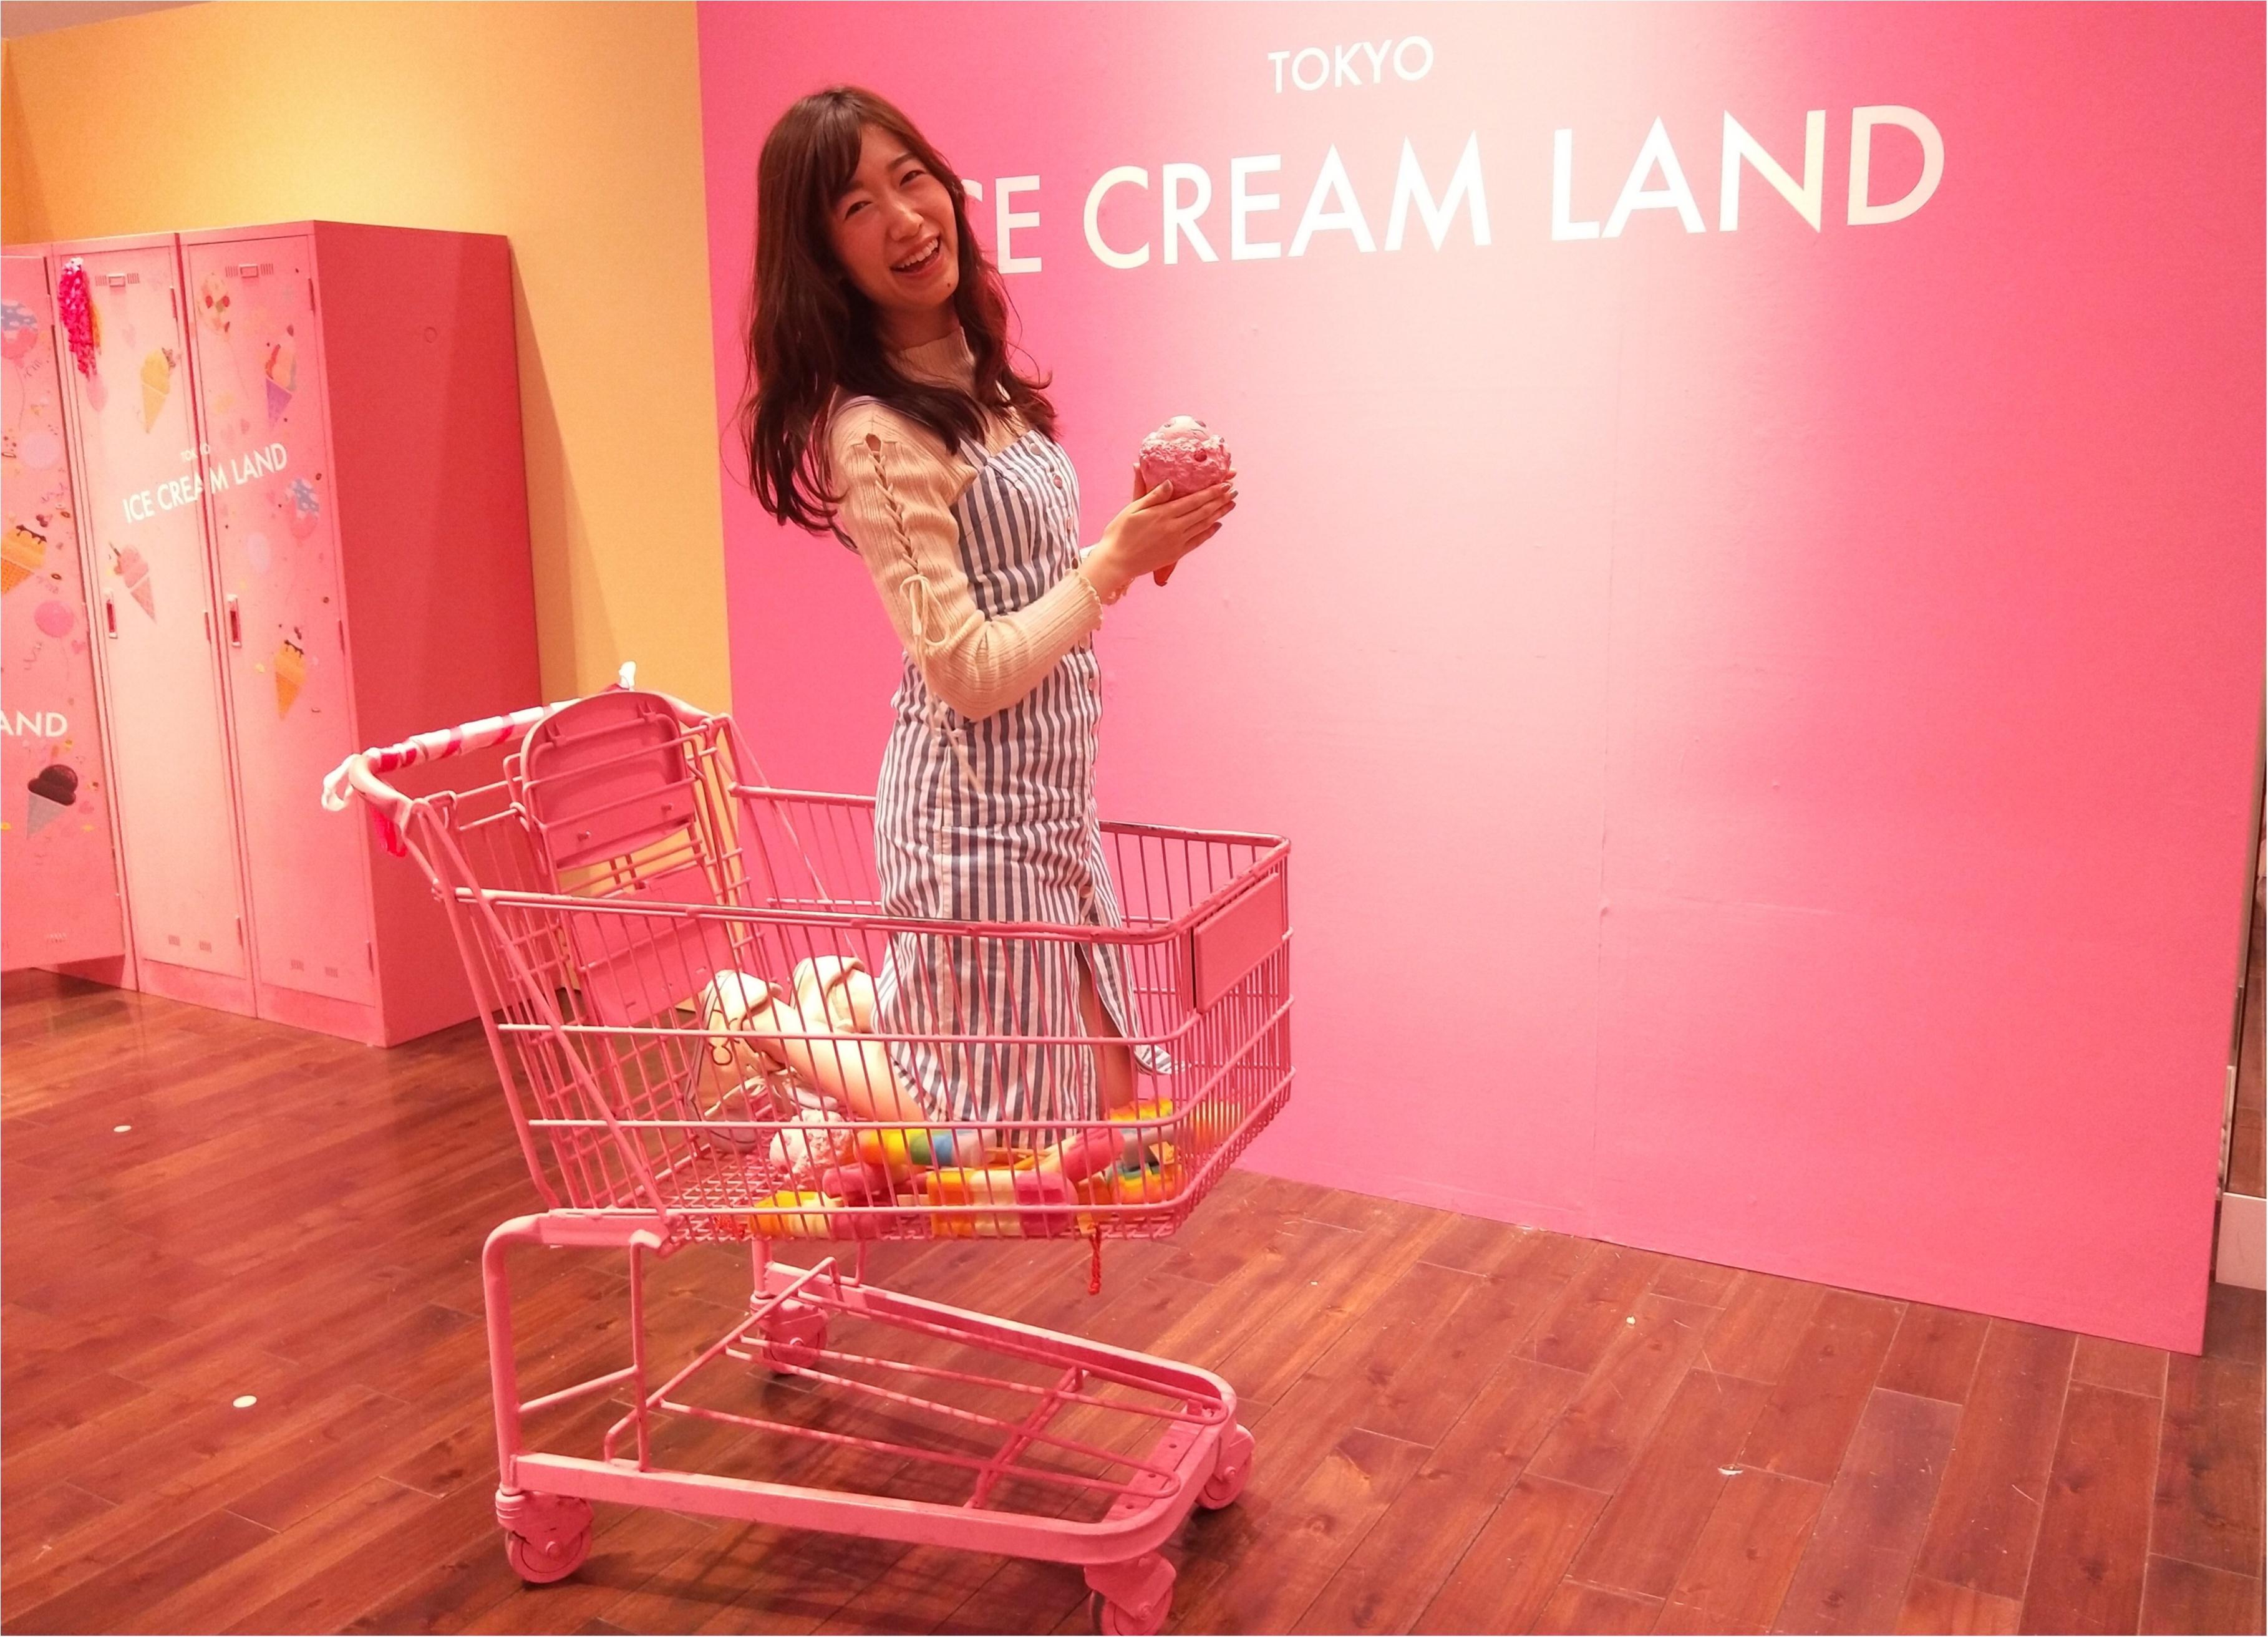 アイスクリームの夢の国「ICE CREAM LAND」でフォトジェニック空間を満喫♡横浜コレットマーレ5/27まで!_2_3